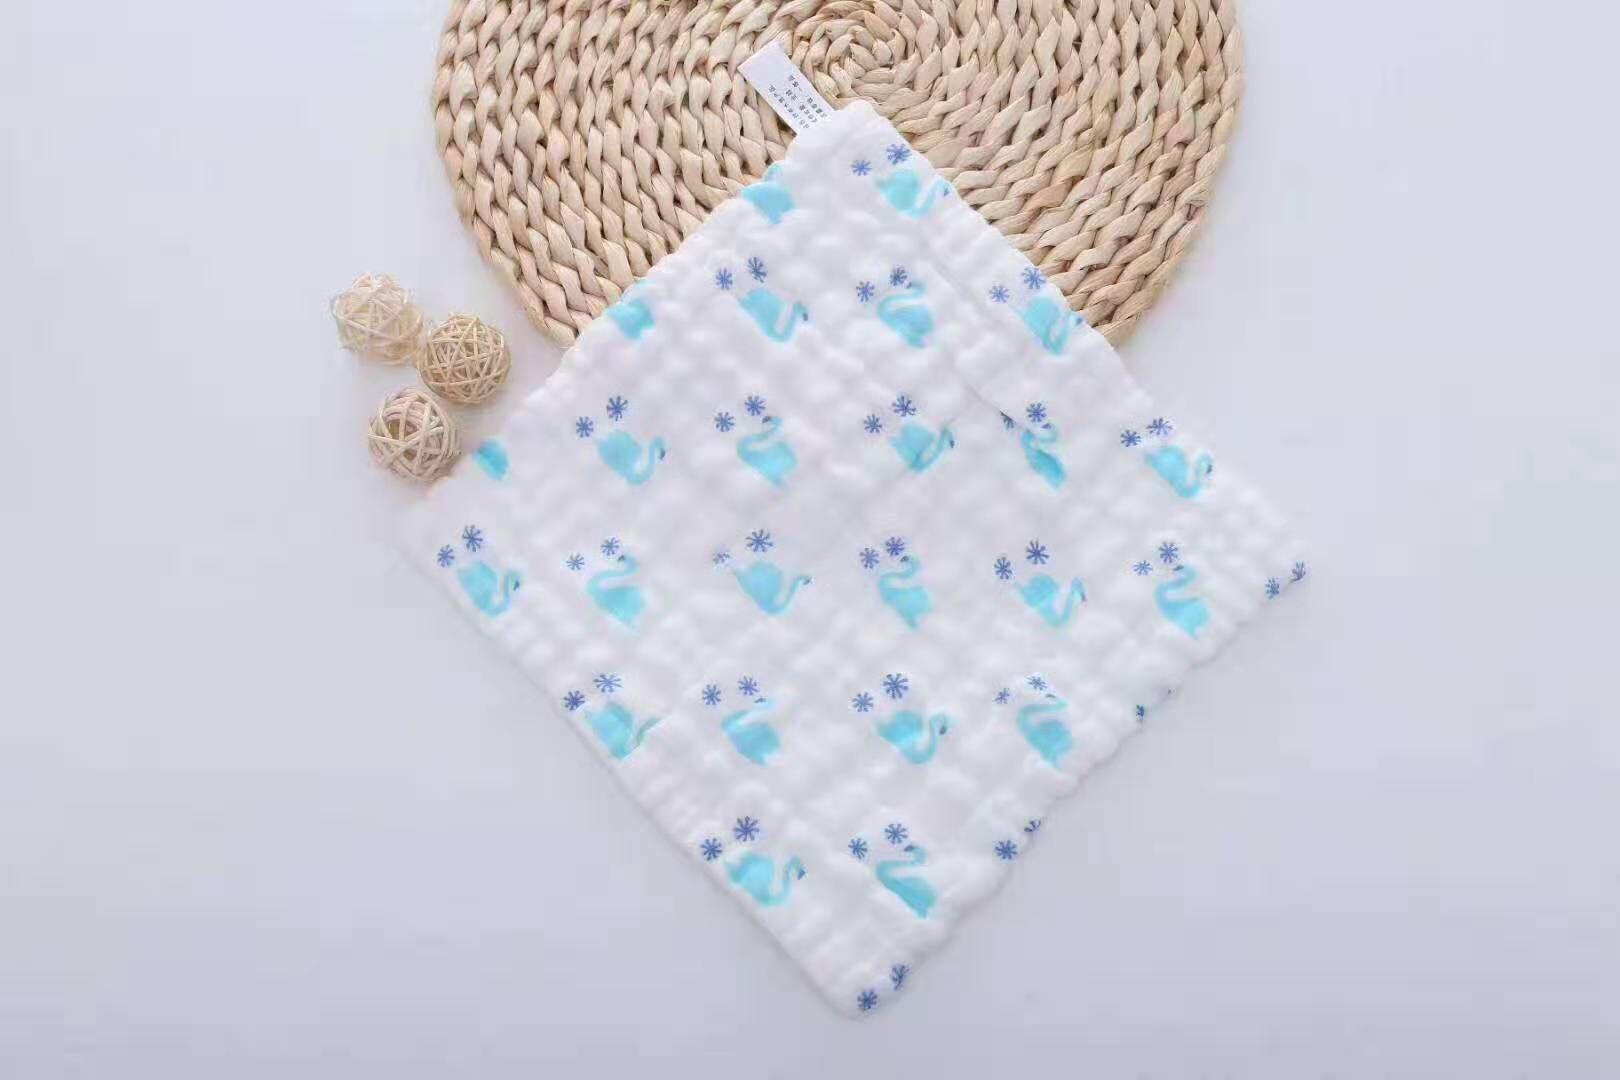 六层泡泡纱方巾,六层泡泡纱方巾生产厂家,沧州六层泡泡纱方巾